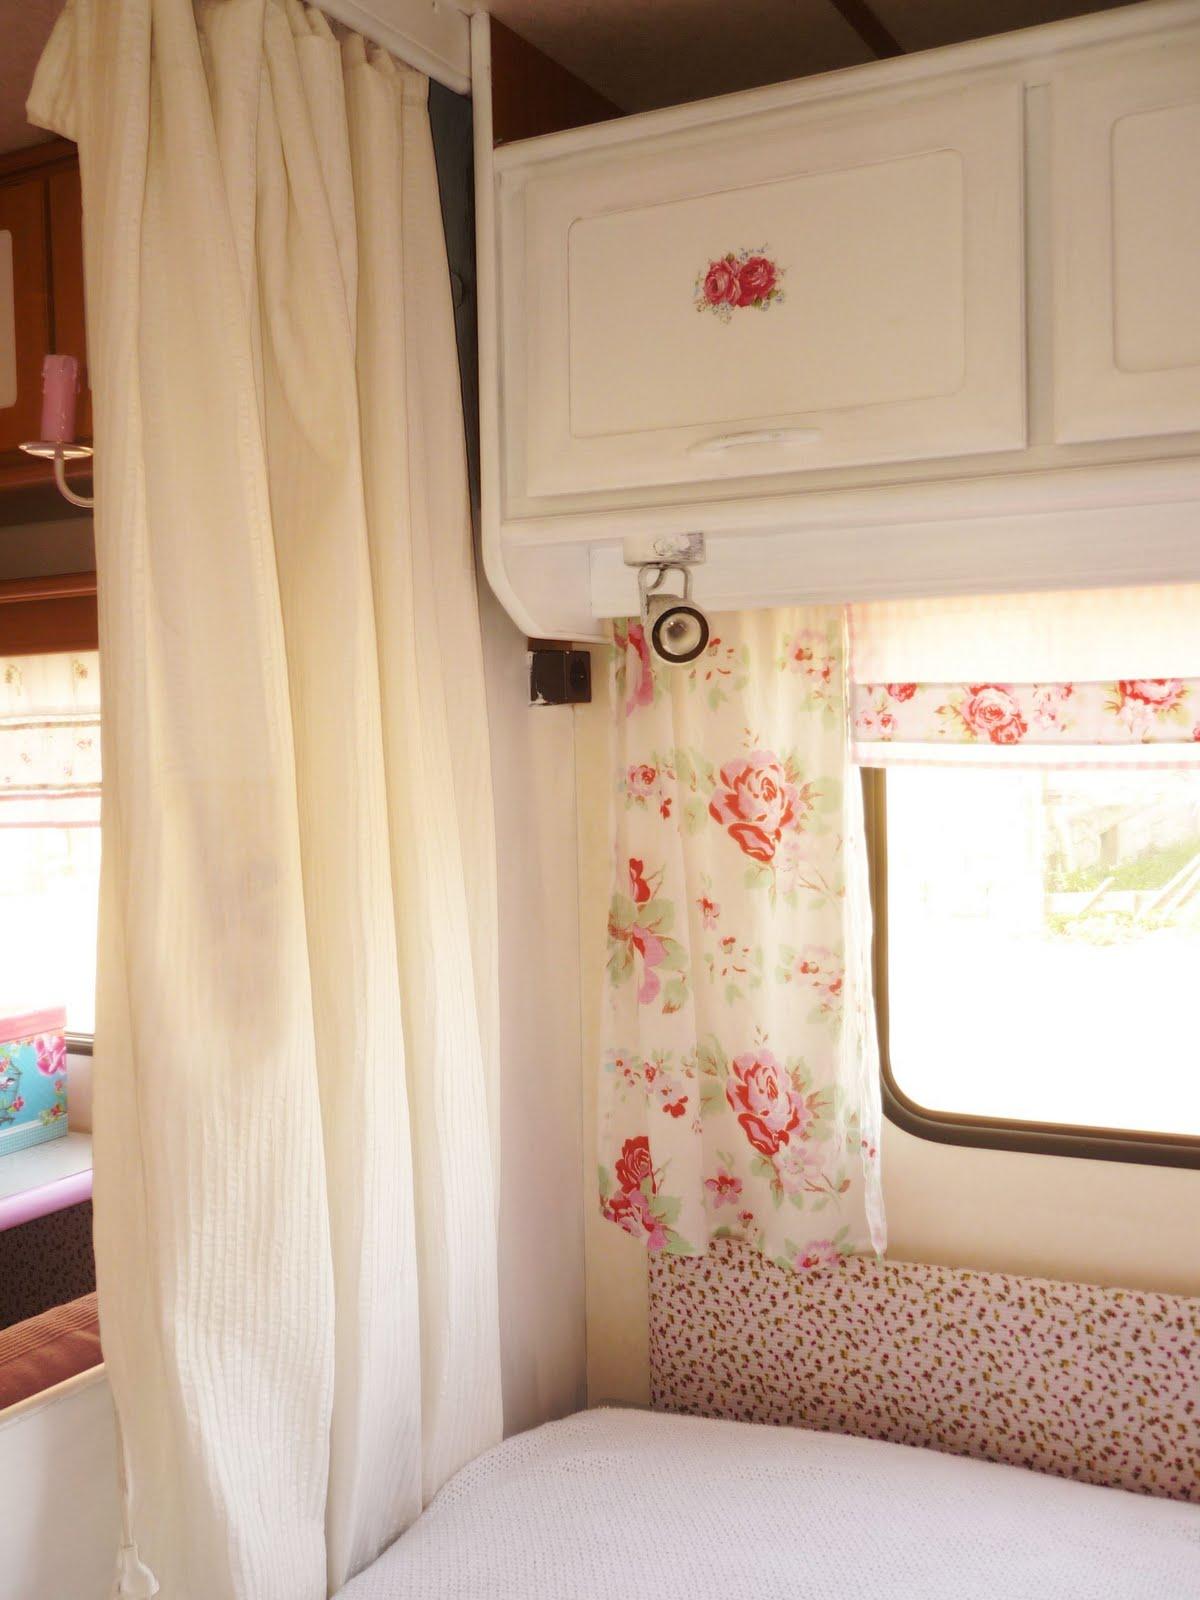 heavens ros cottage unser h usle auf 2 r dern. Black Bedroom Furniture Sets. Home Design Ideas